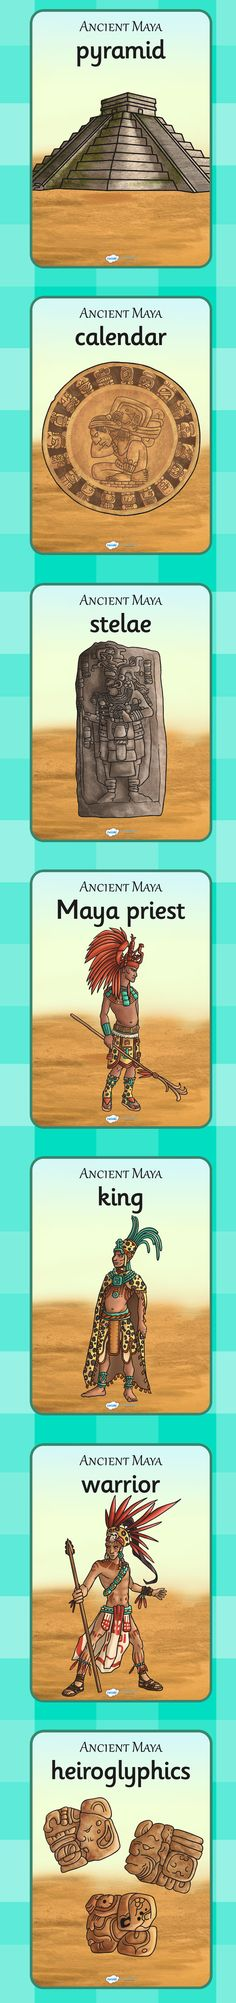 KS2 Mayan Civilization Display Posters